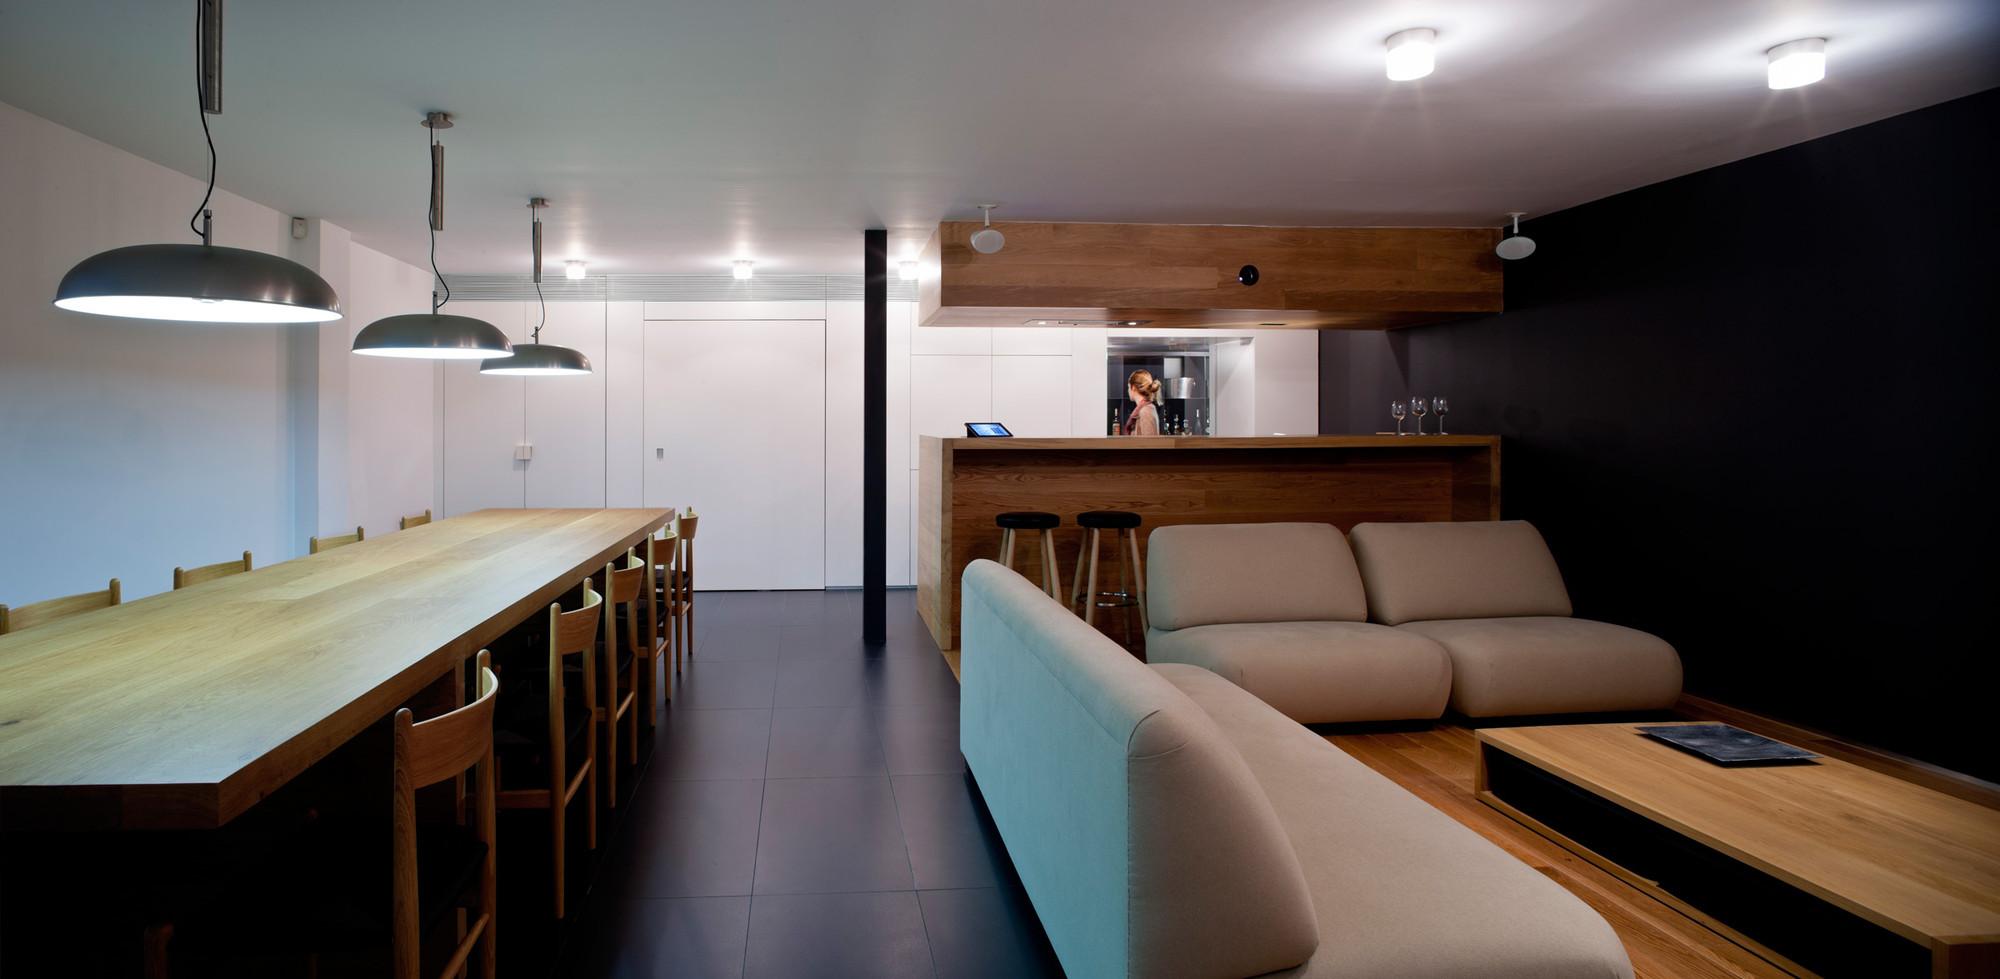 Casa En Rivas / Estudio Mariano Martin, © Ángel Baltanás